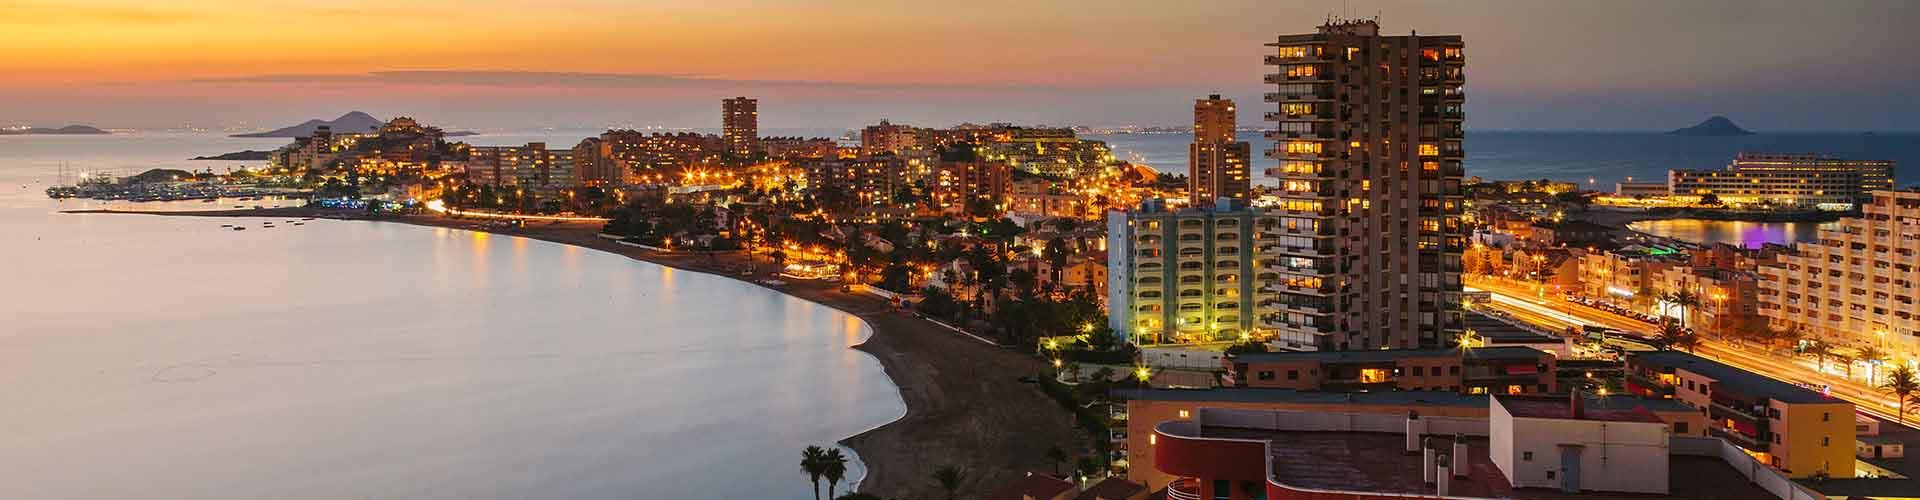 Murcia - Appartements dans le quartier de Espinardo. Cartes pour Murcia, photos et commentaires pour chaque appartement à Murcia.